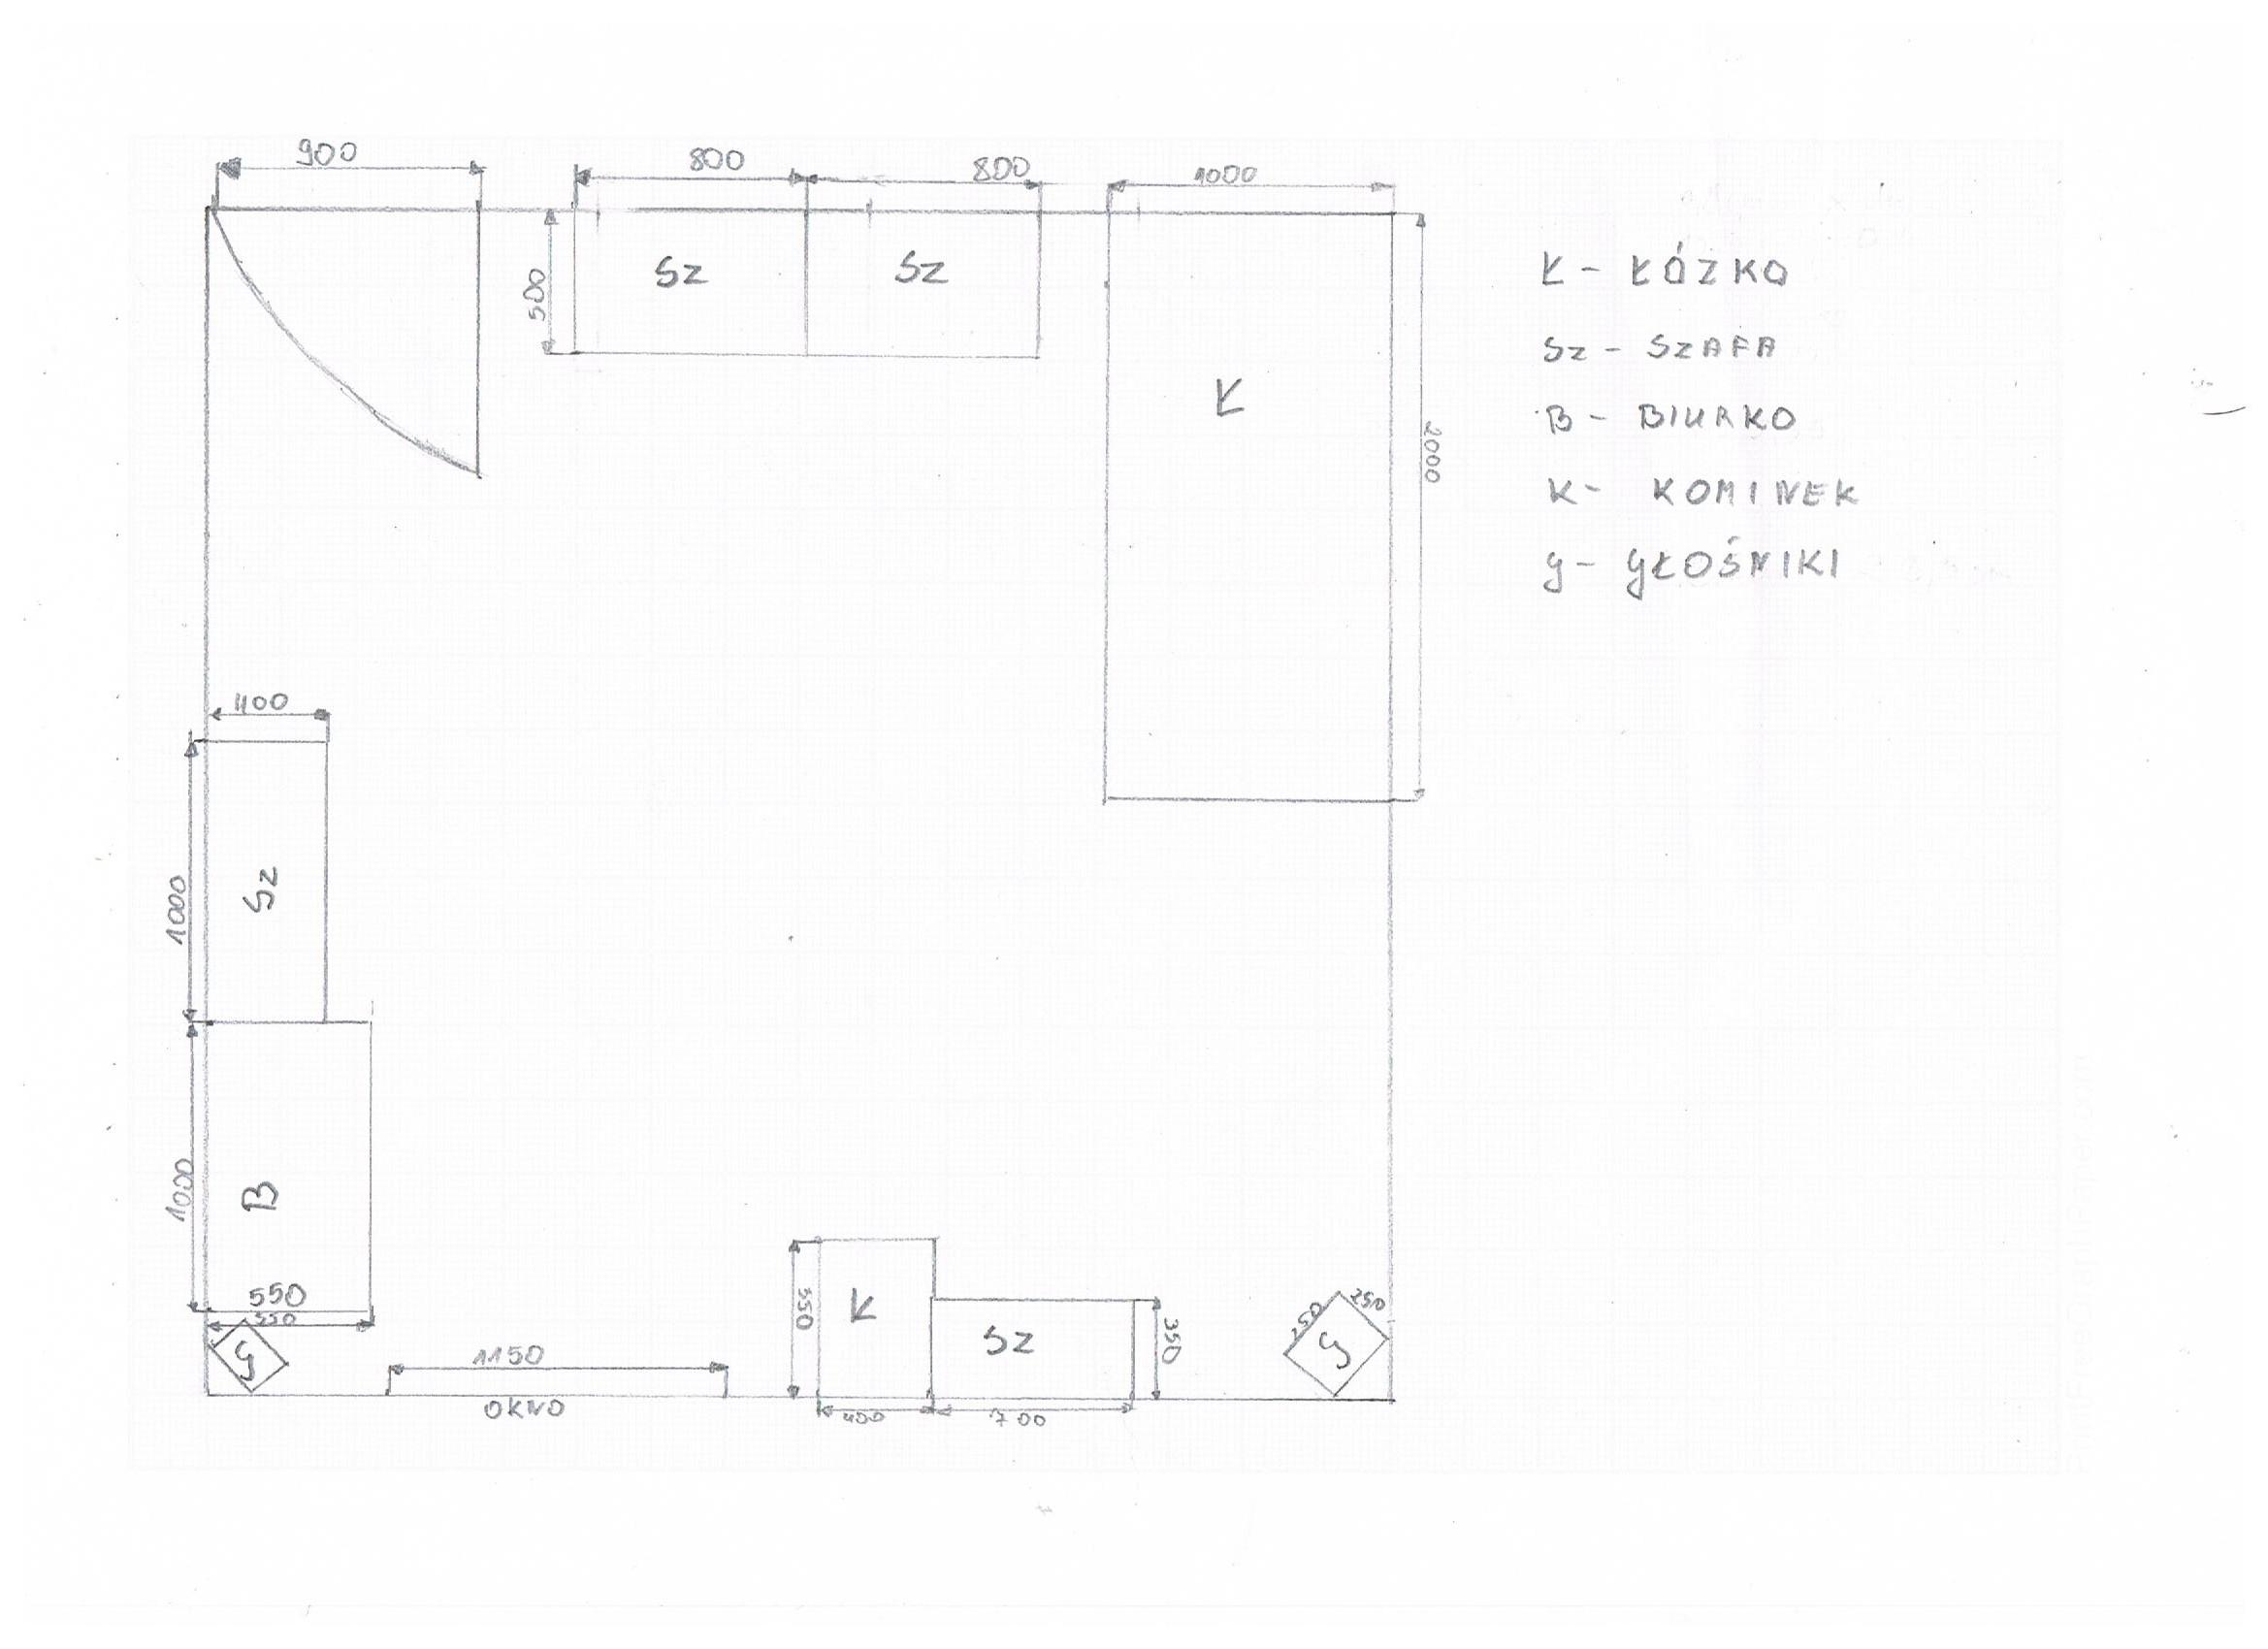 Poprawienie akustyki Diora WS354 Tonsil Space '86